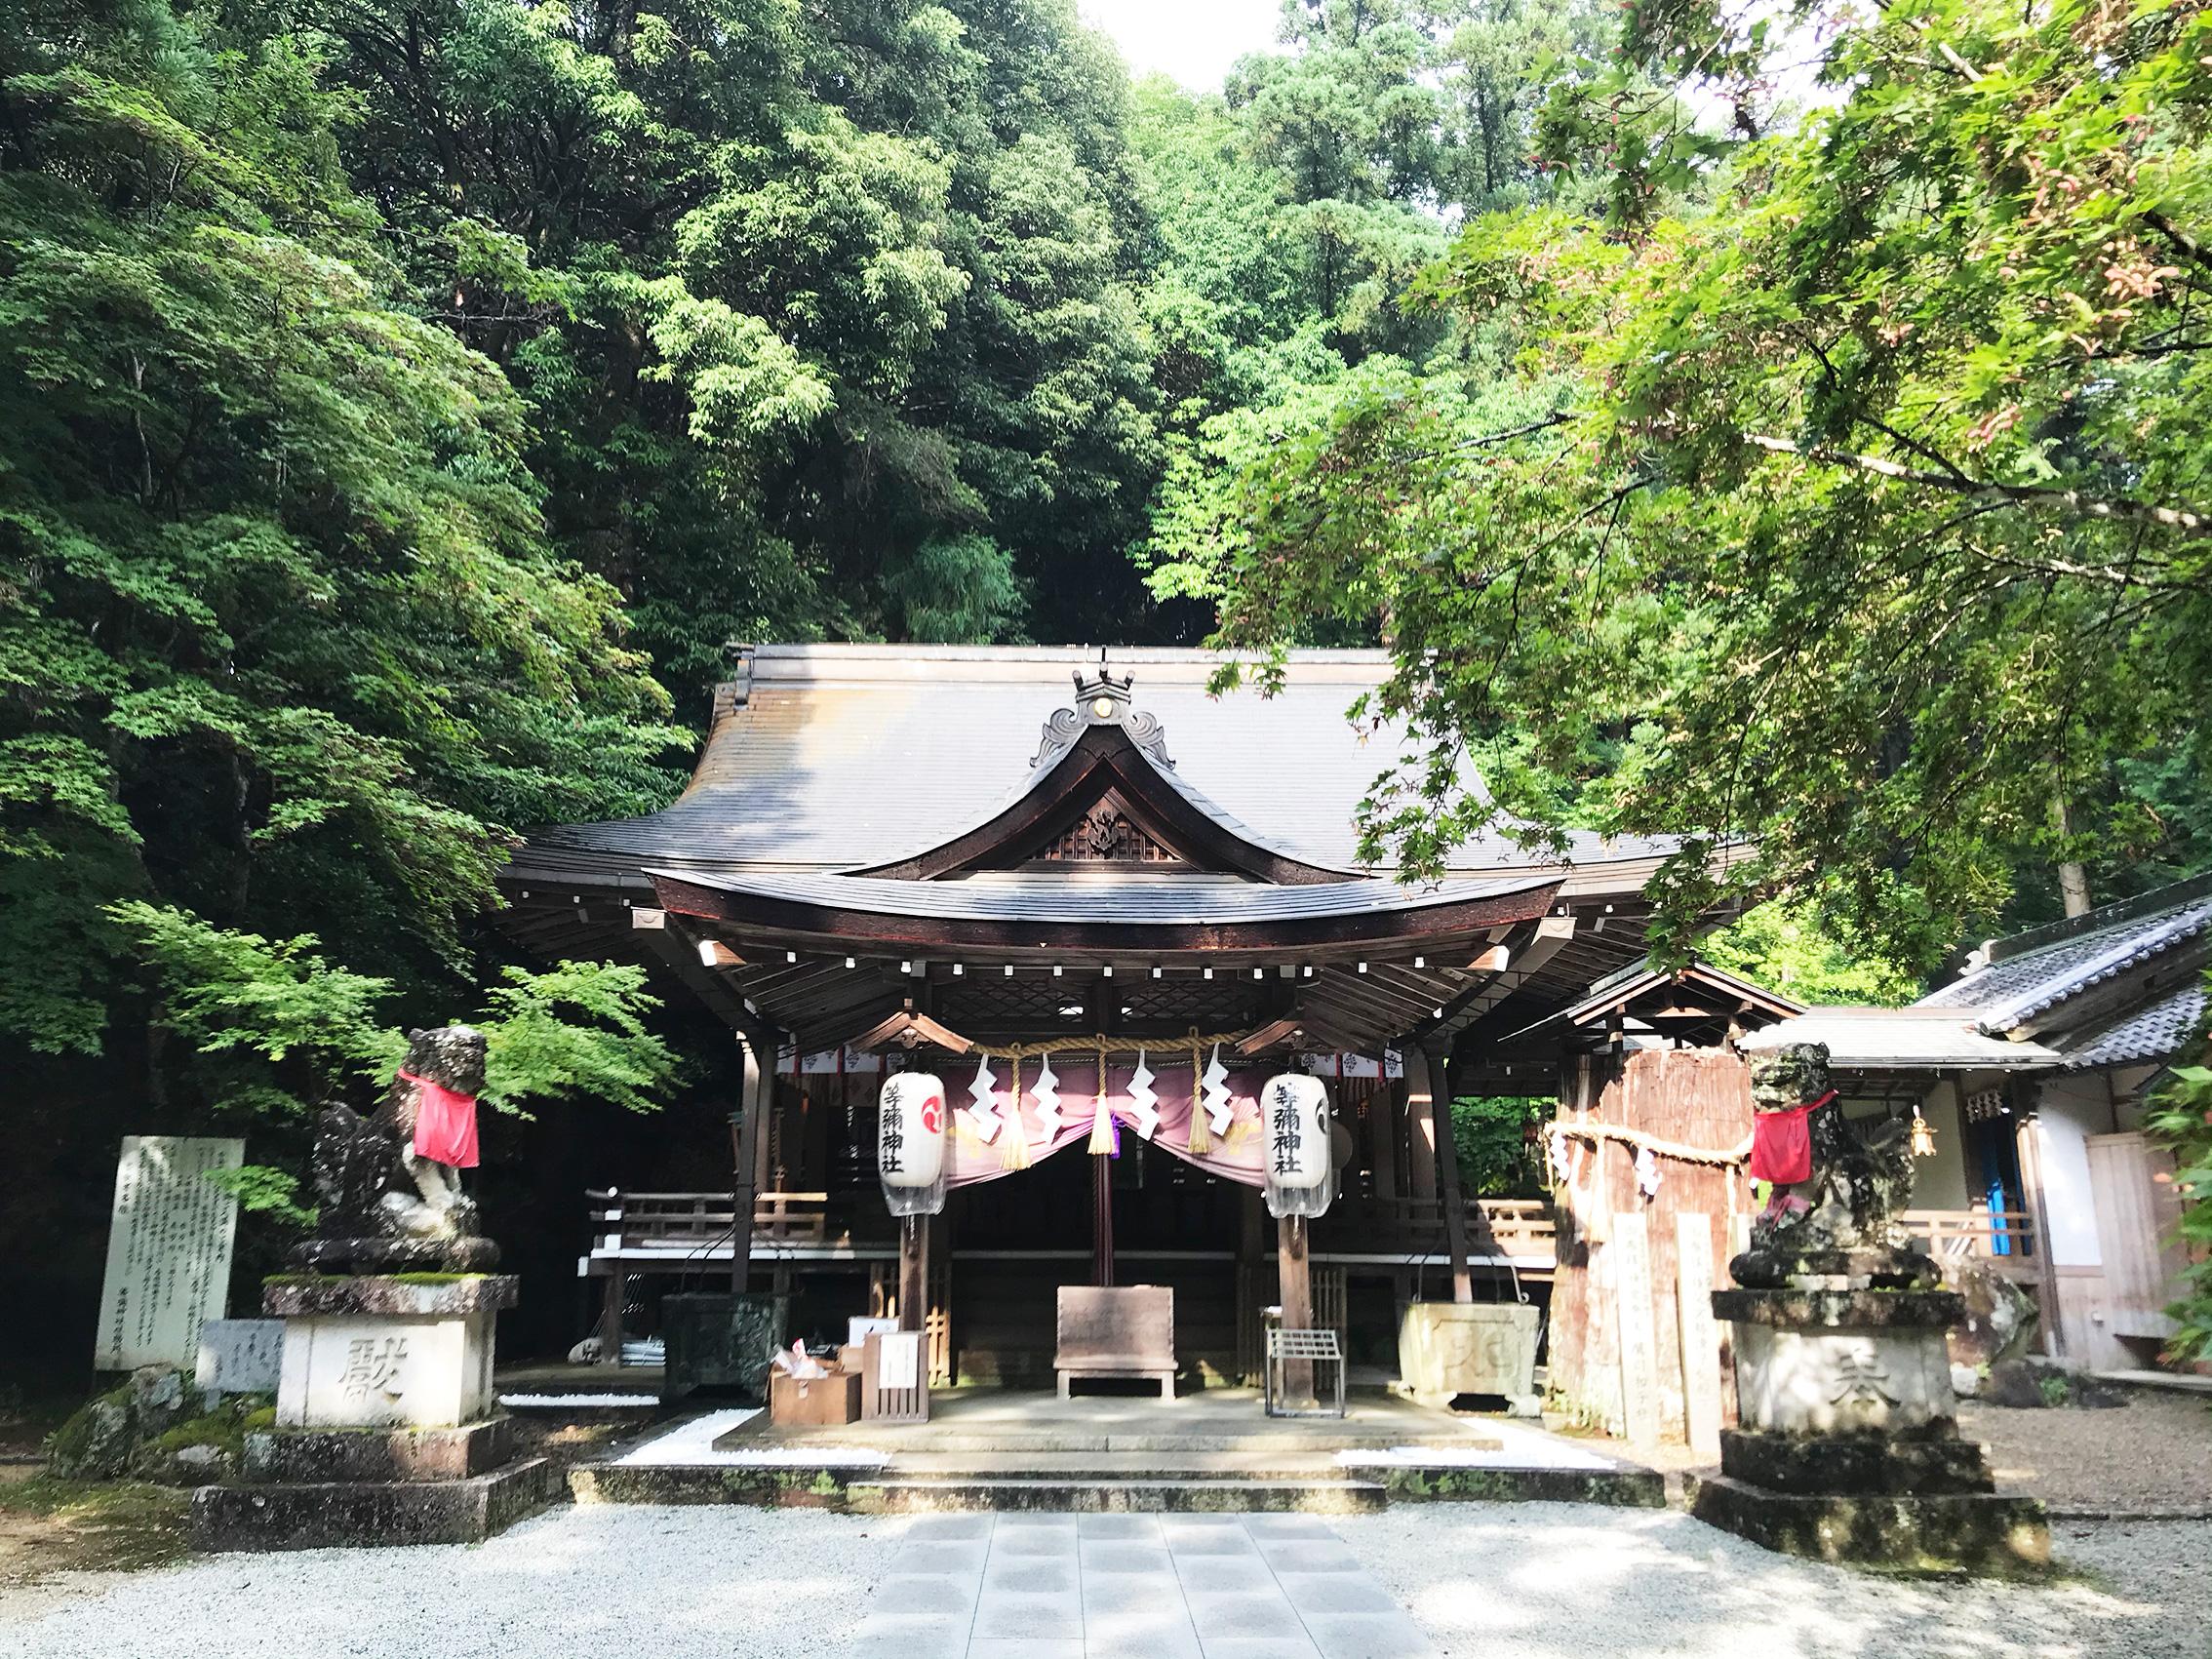 夏の神社で瞑想会が終わりました(2020/06/26)